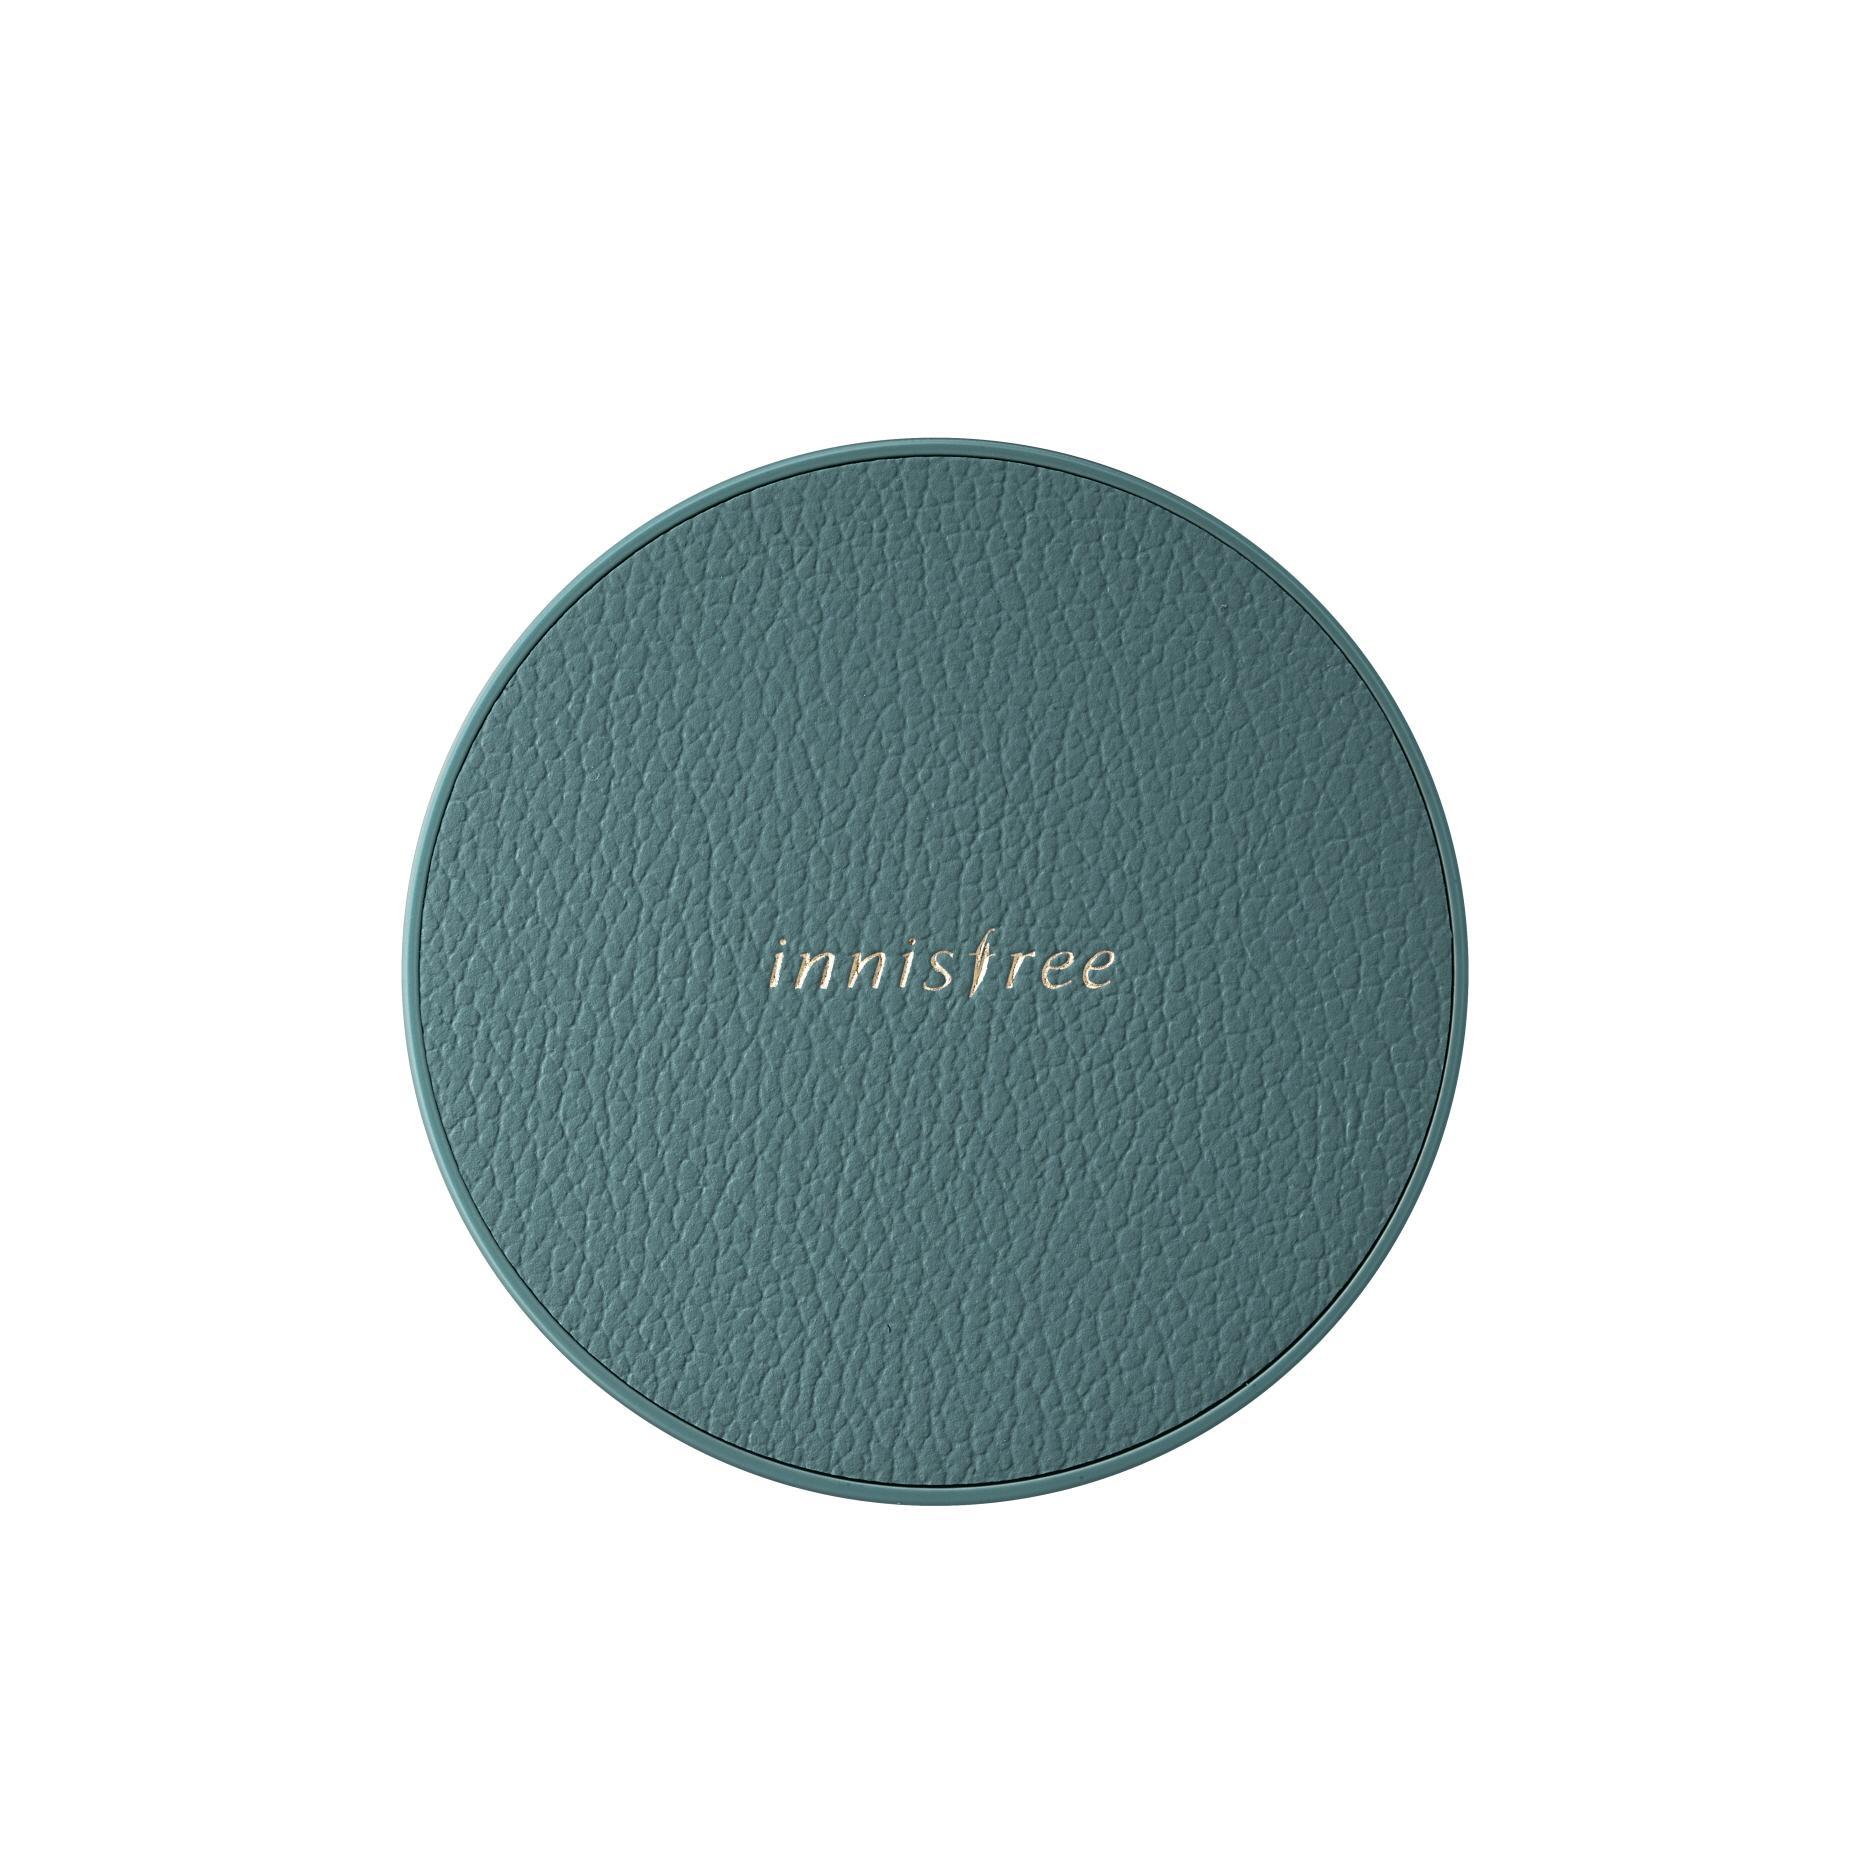 Price Innisfree Premium My Cushion Case Singapore